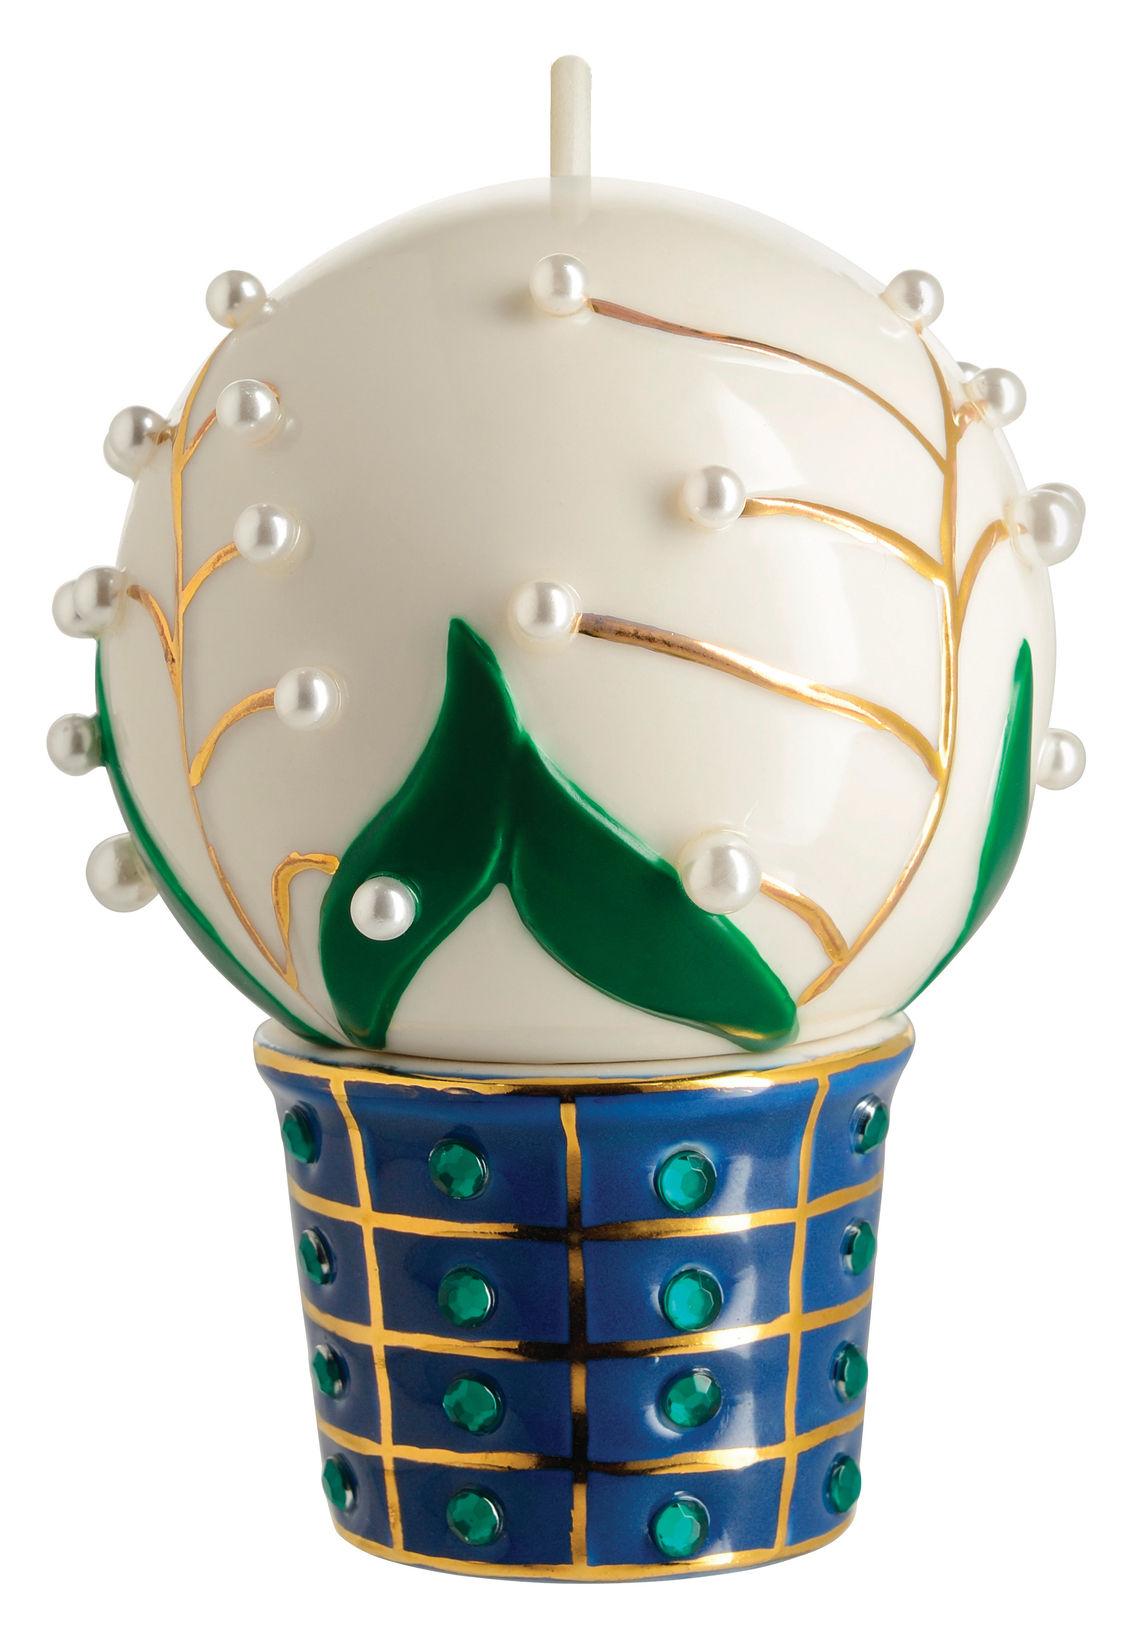 Déco - Objets déco et cadres-photos - Boule de Noël Fleurs de Jorì / Muguet -  Porcelaine peinte main - Alessi - Muguet - Porcelaine